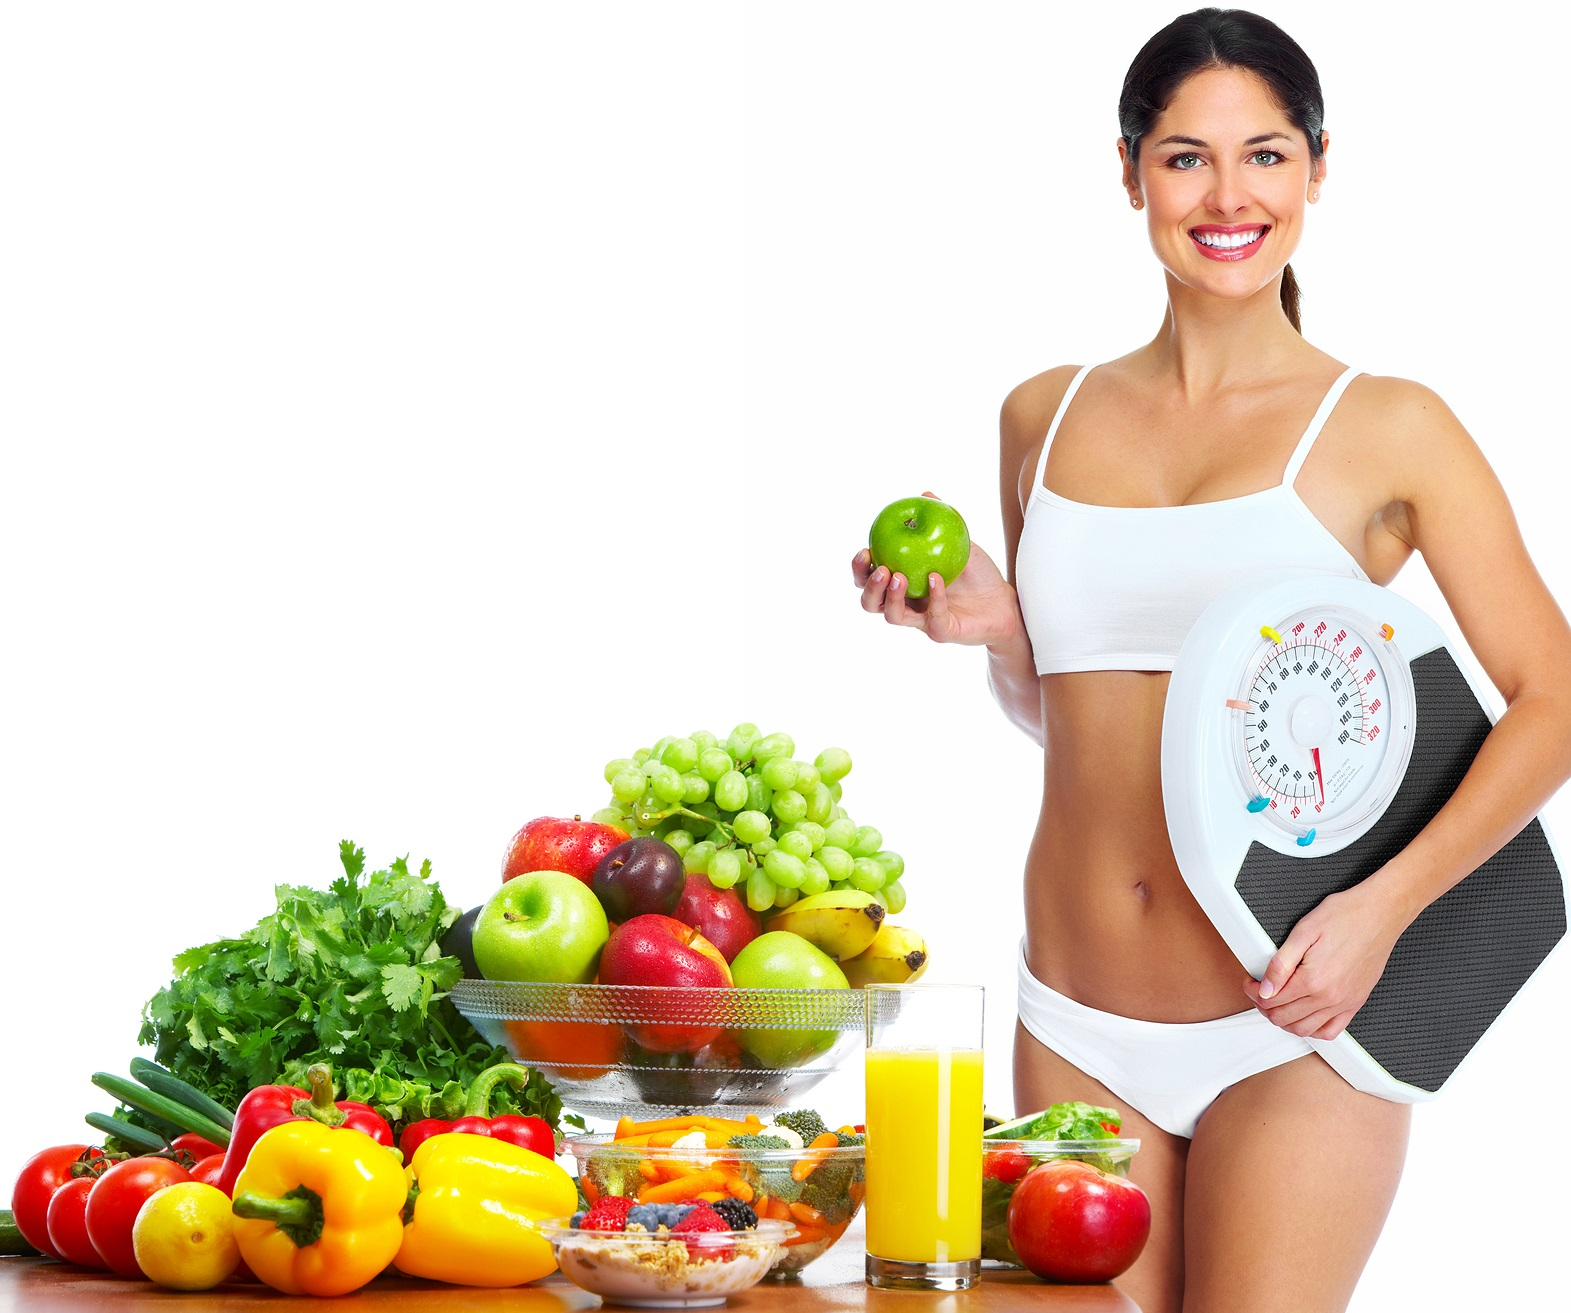 Сбросить Вес Много. Как быстро похудеть в домашних условиях без диет? 10 основных правил как худеть правильно